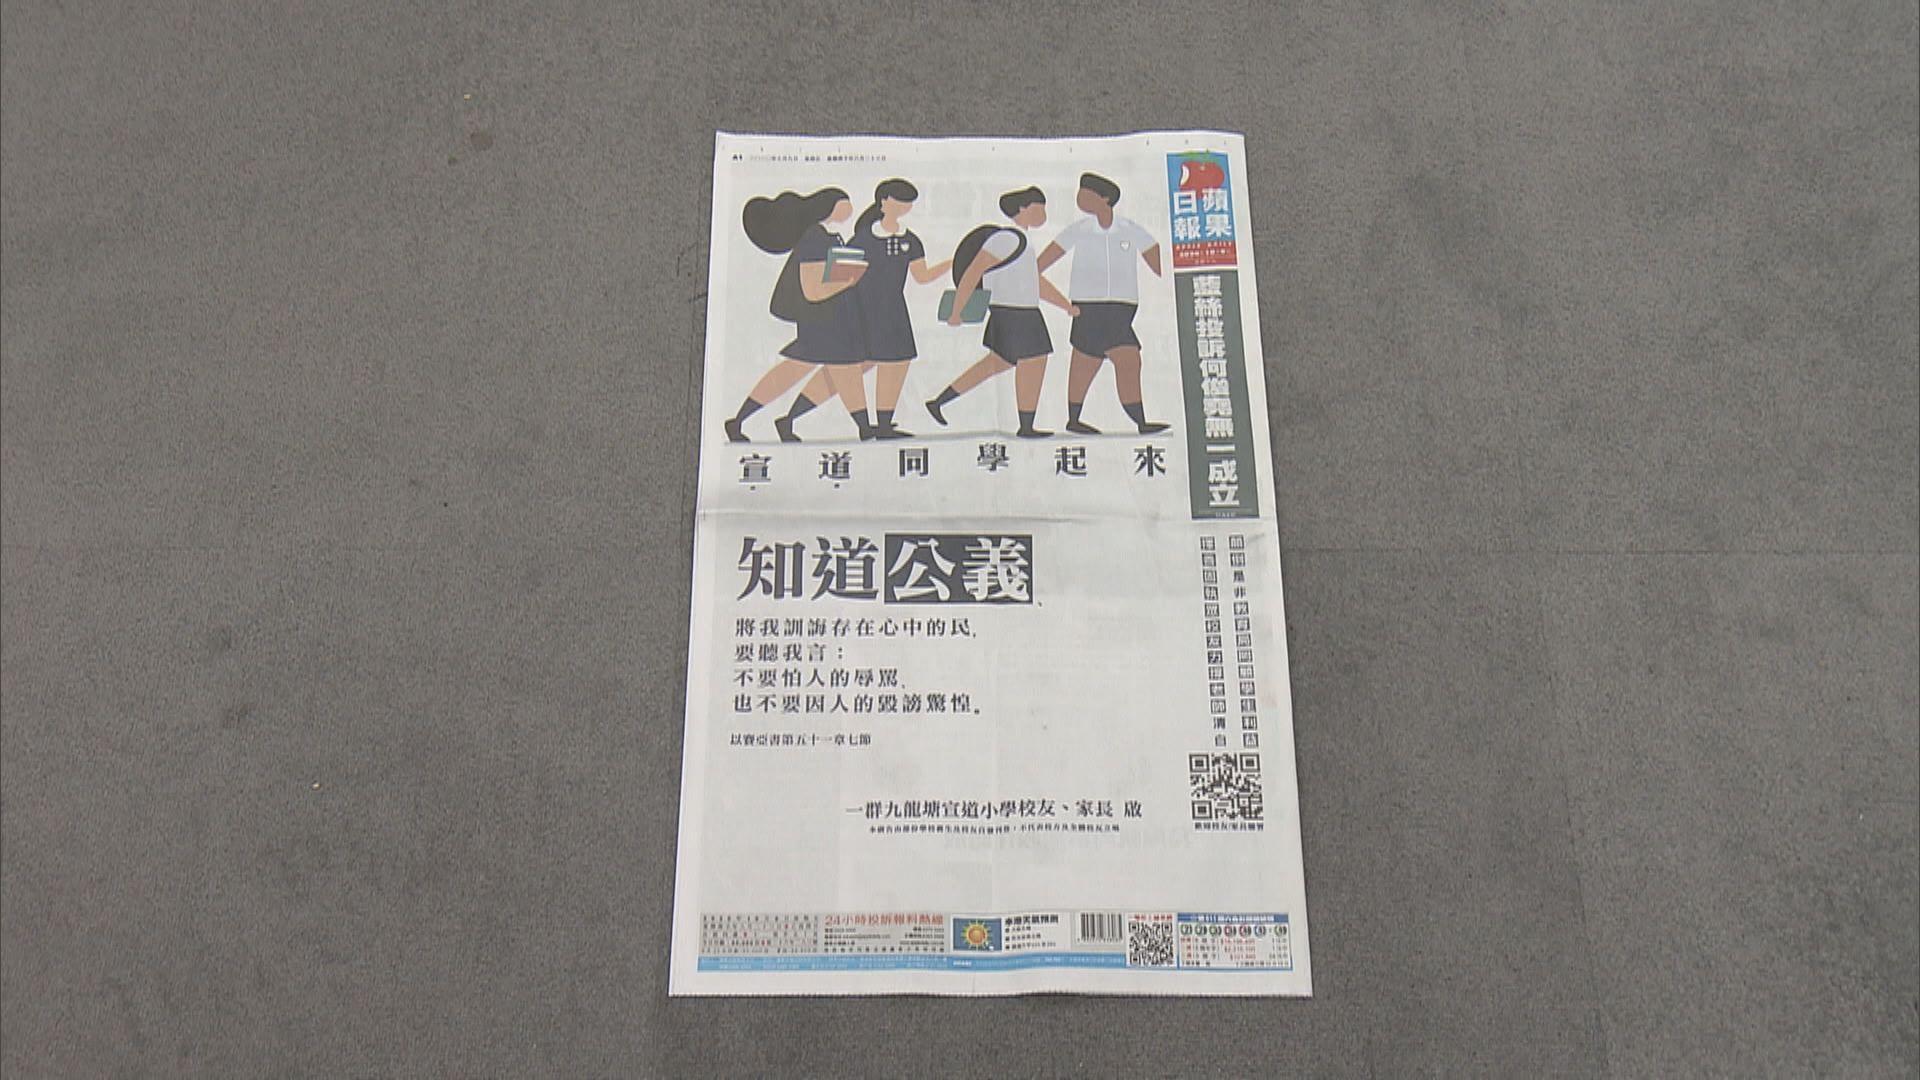 九龍塘宣道小學校友家長聯署刊報章頭版 斥教育局取消教師註冊